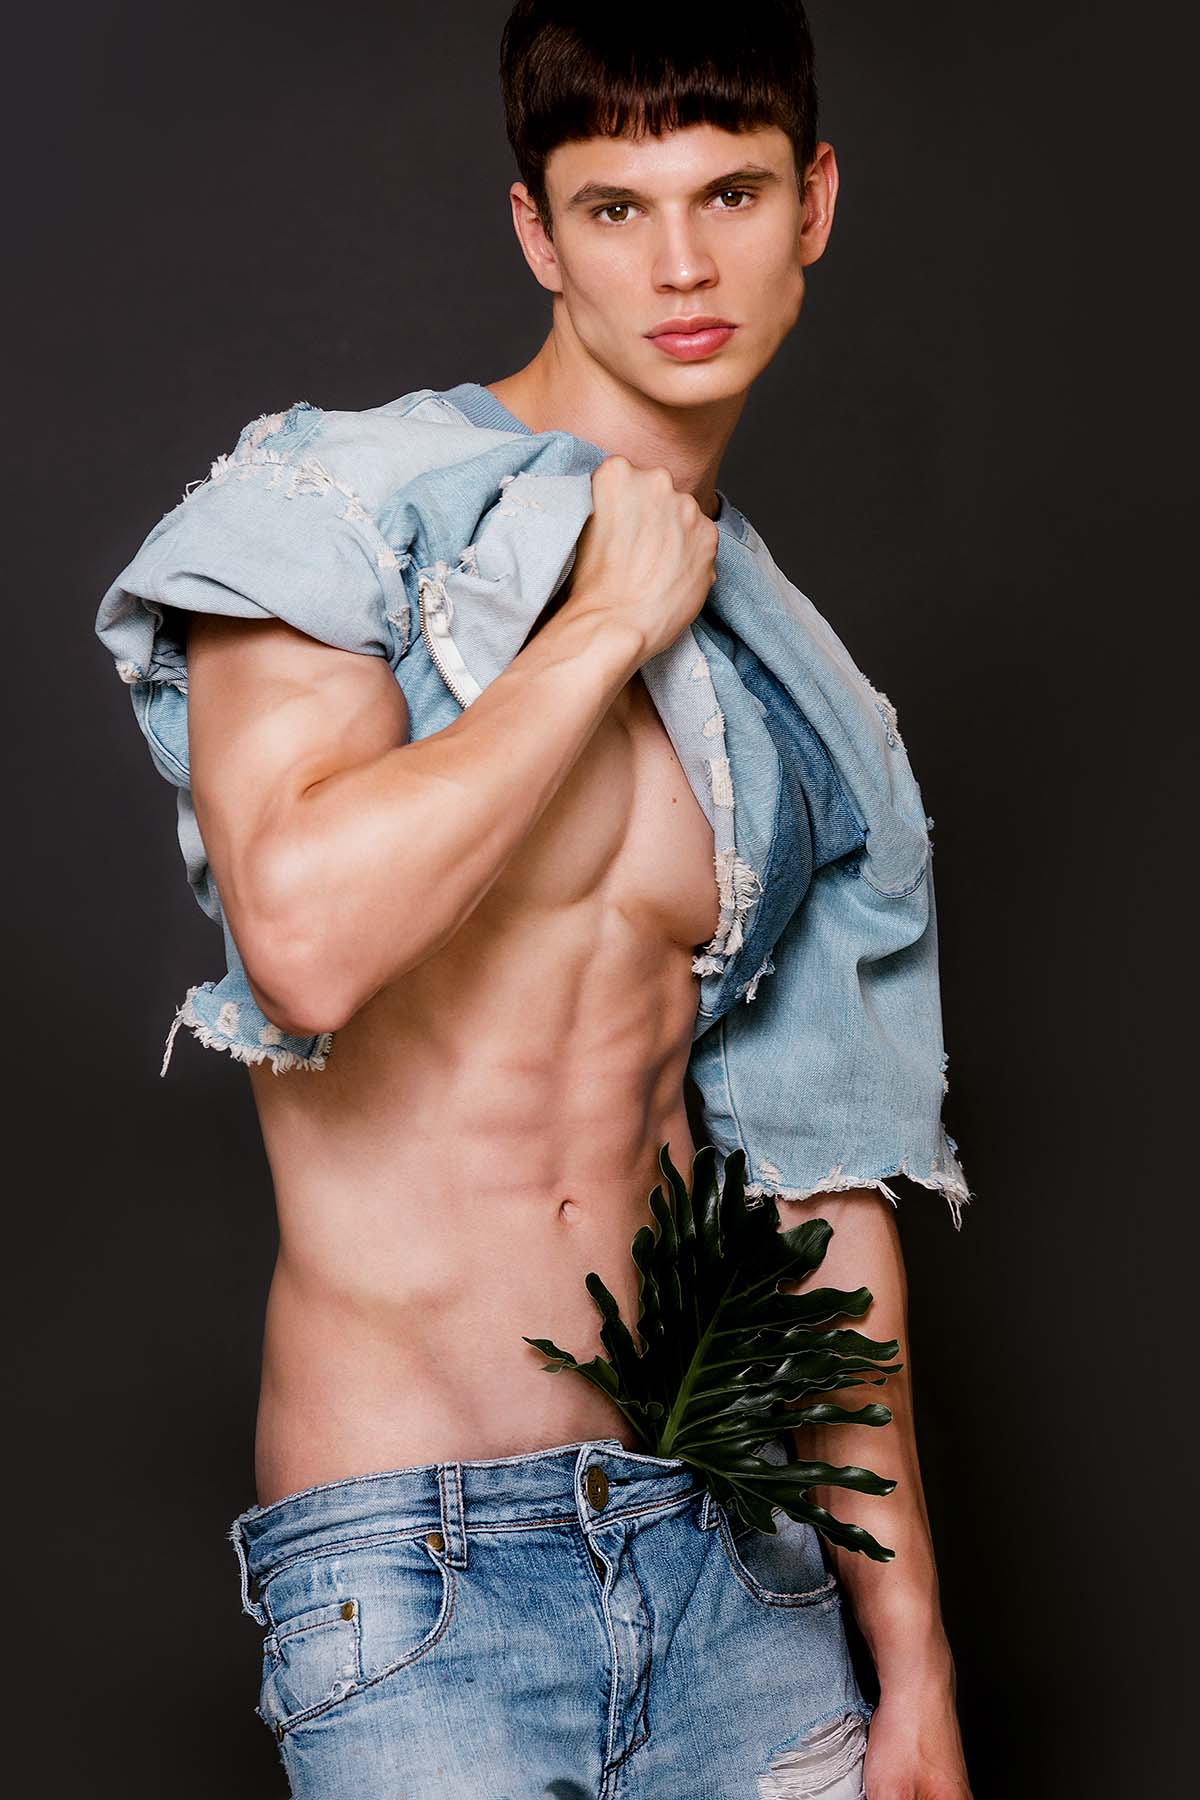 Marcos Alexandre by Coh Merlin for Brazilian Male Model